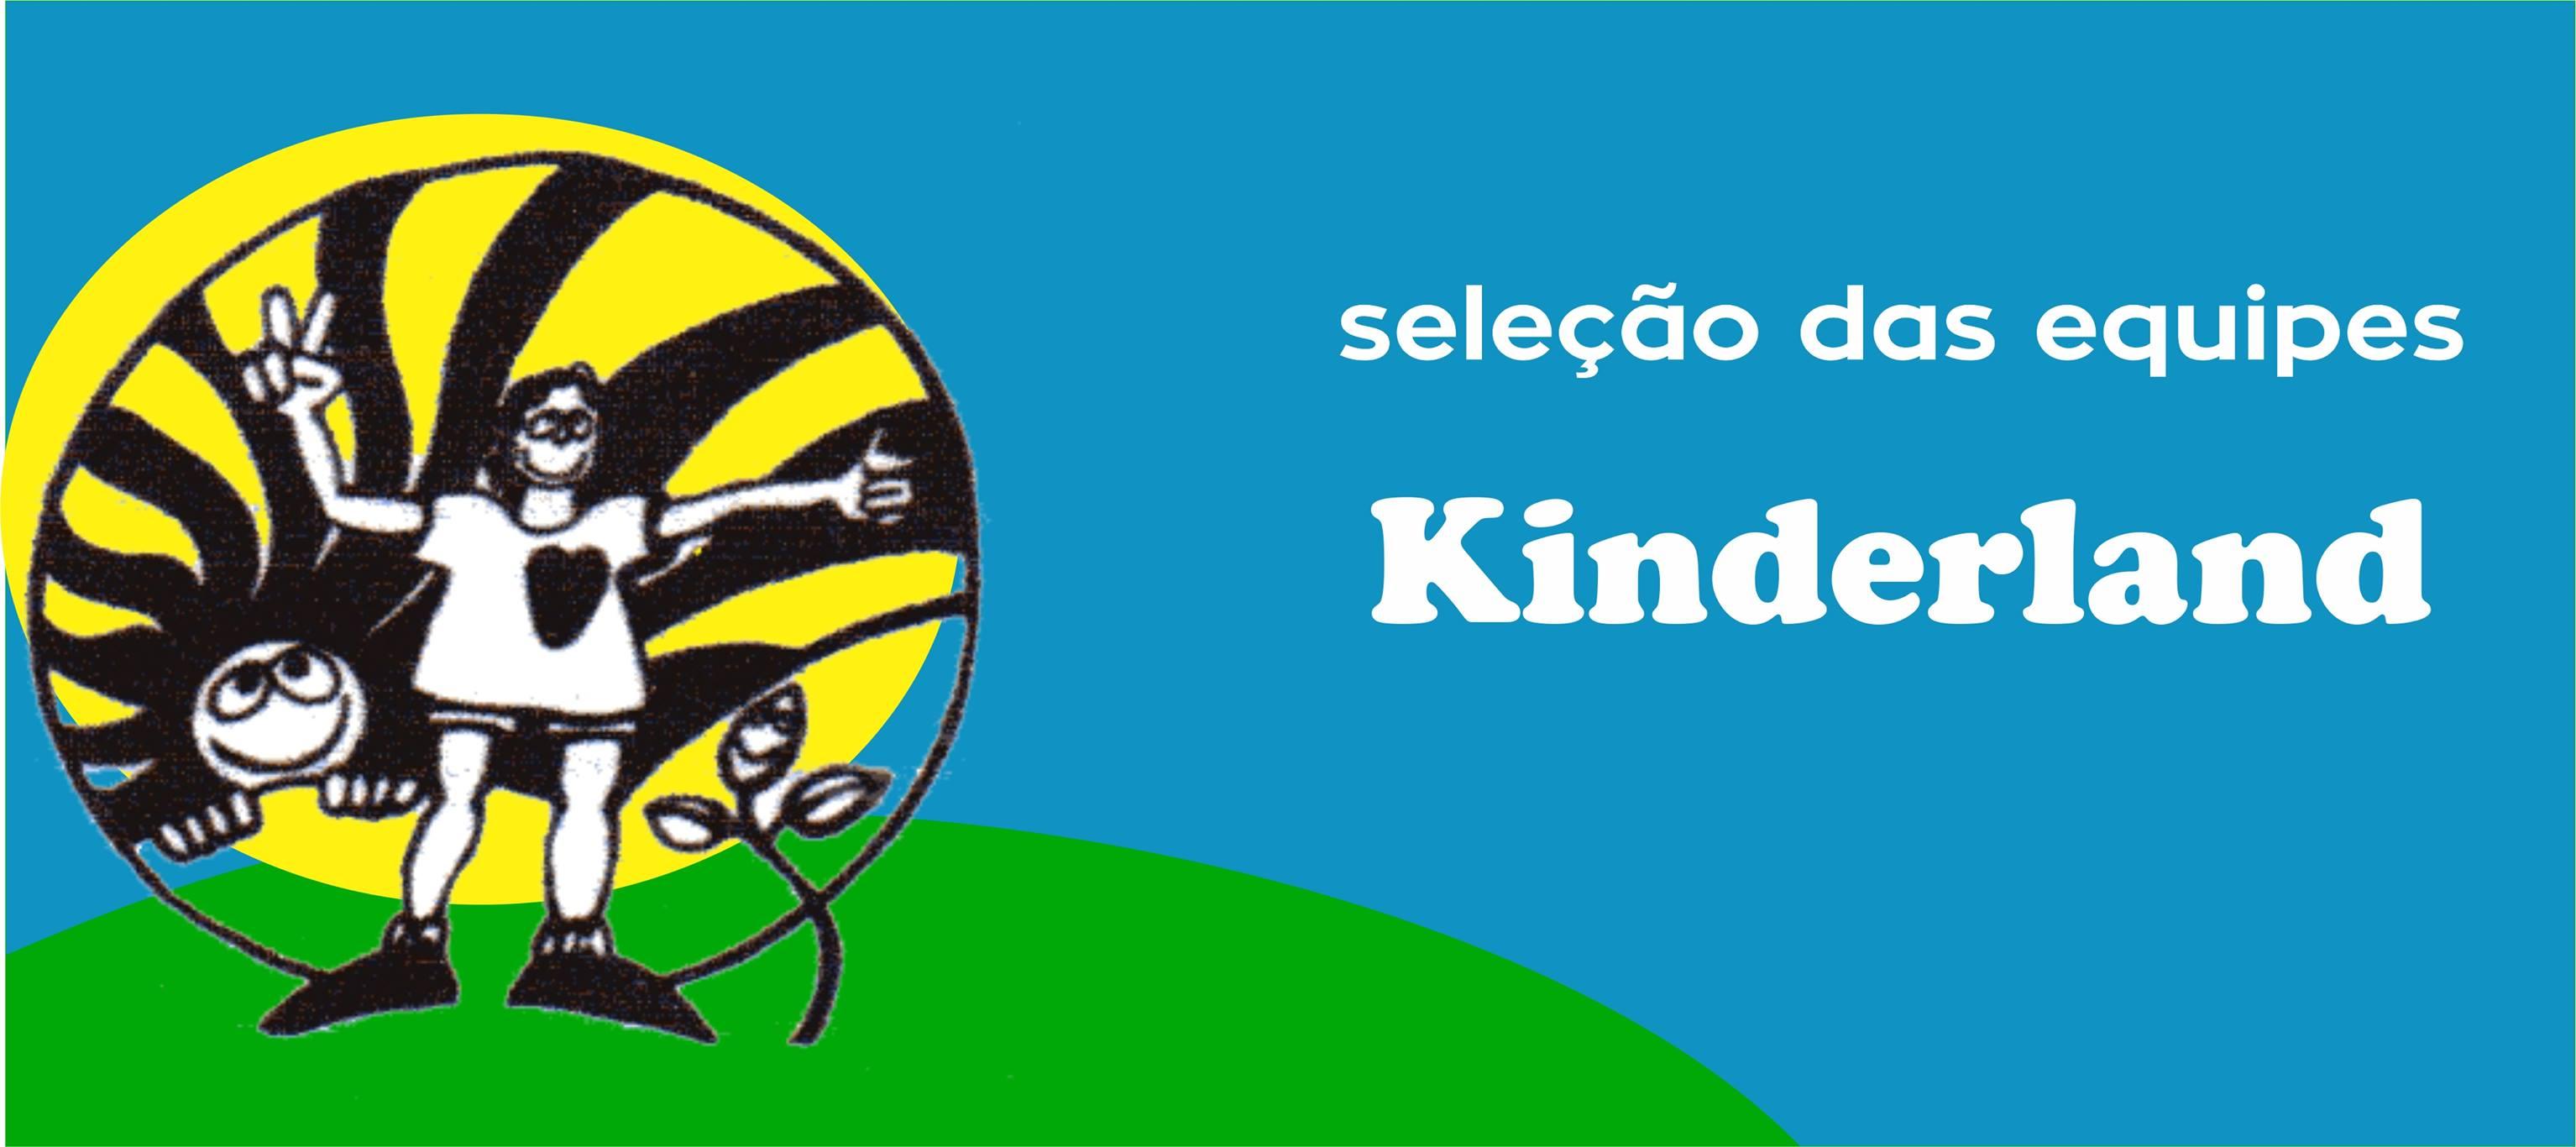 Seleção das Equipes Kinderland 2017